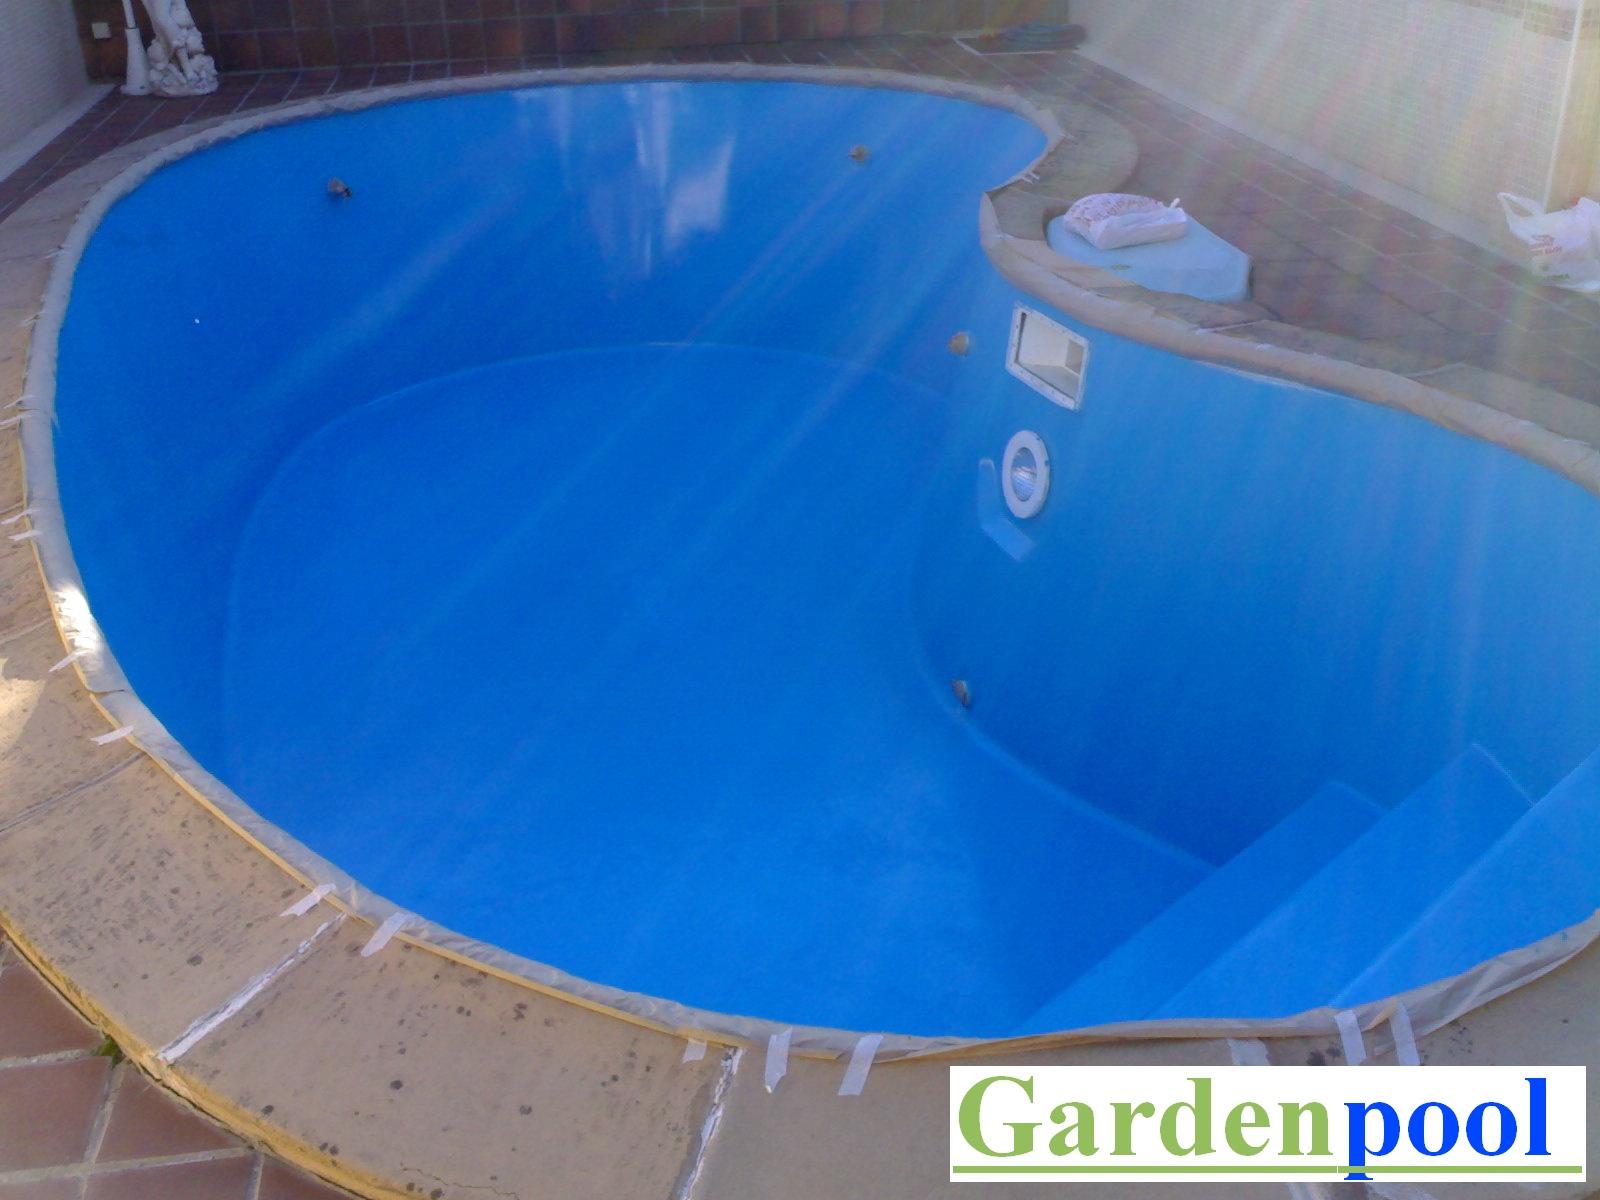 Pintura para piscinas en madrid pintores piscinas gardenpool - Pintura piscina clorocaucho ...